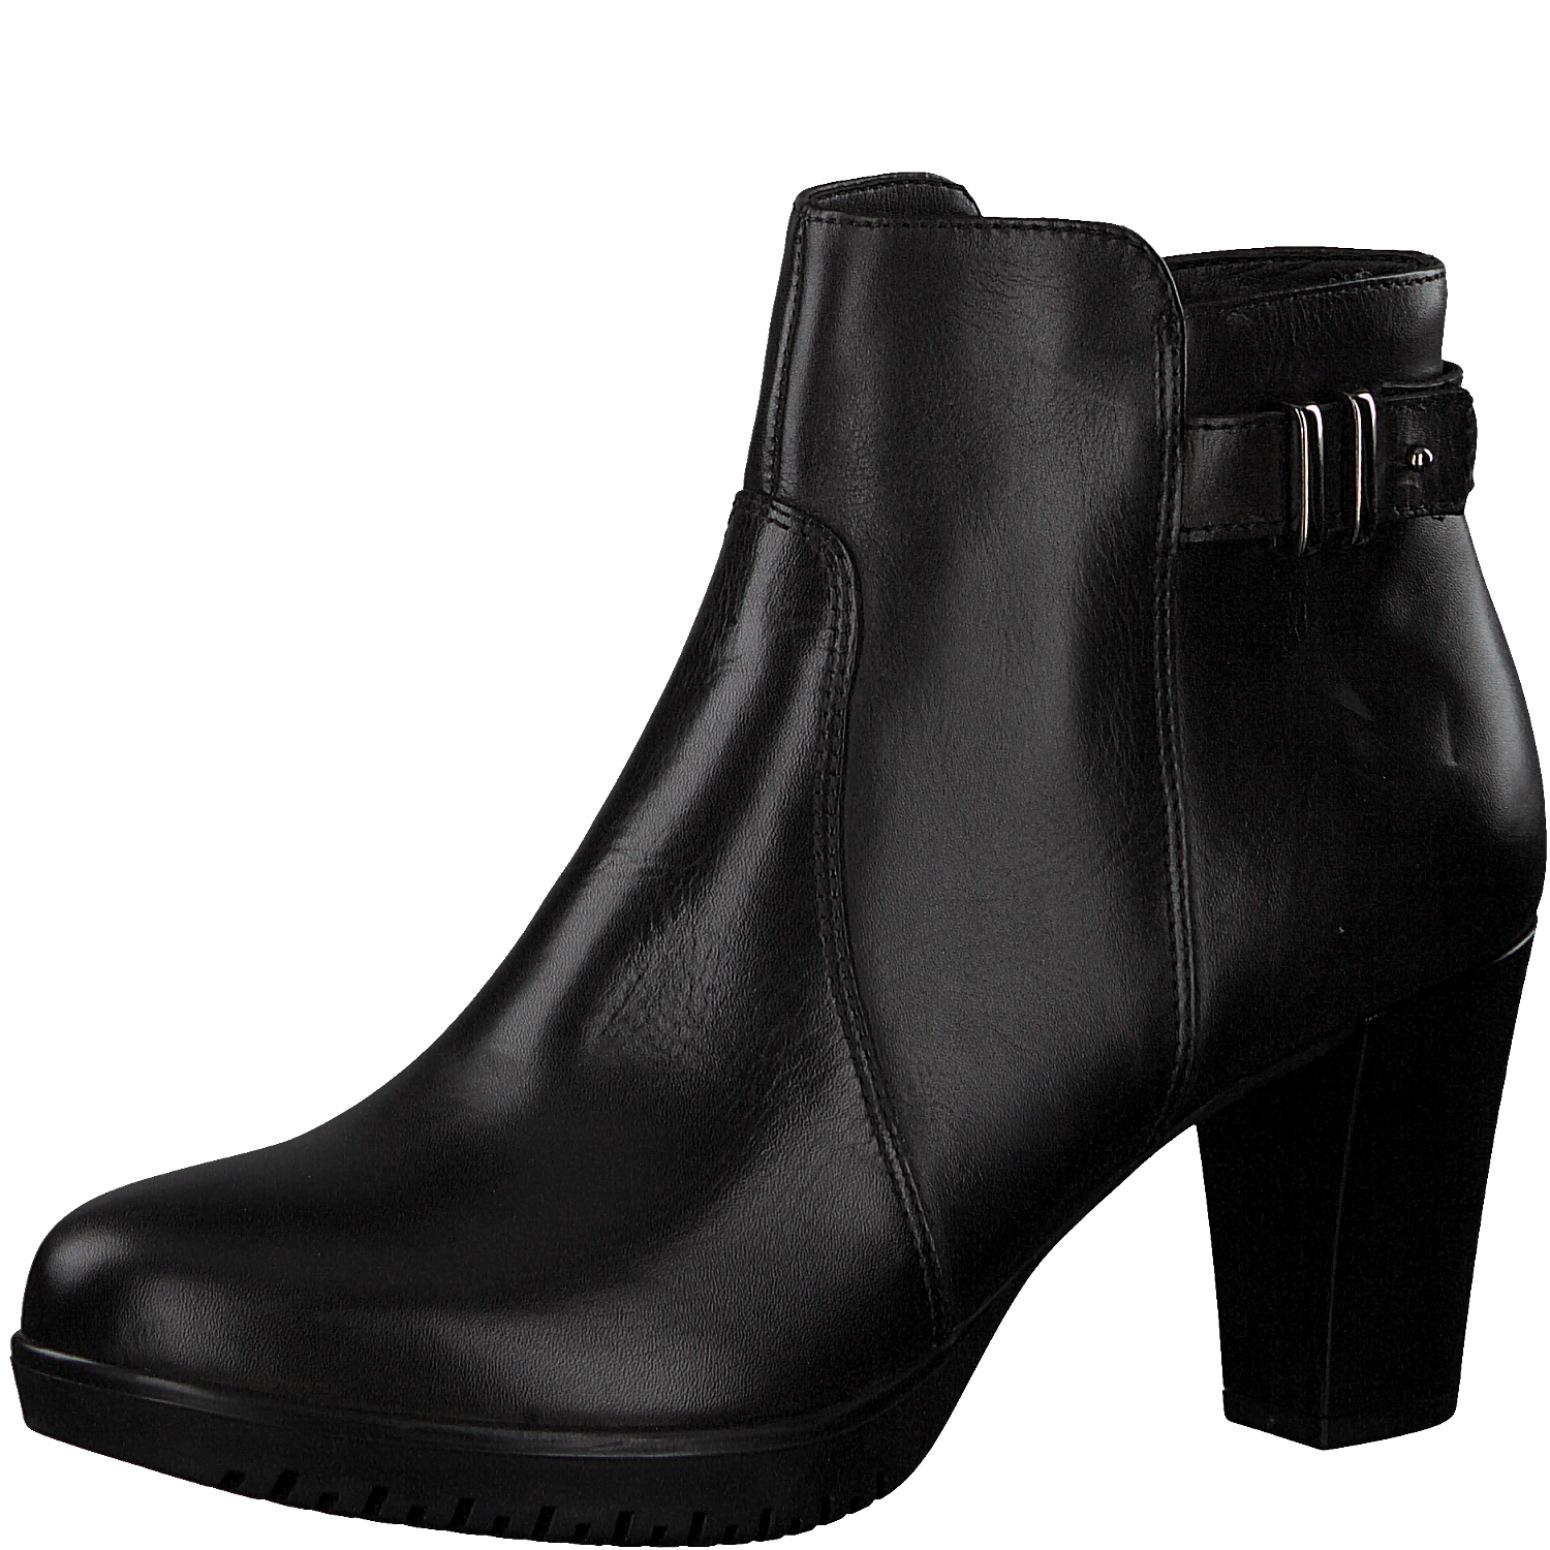 b9443cbea89 dámská kotníková obuv Tamaris 1 1-25051-21 001